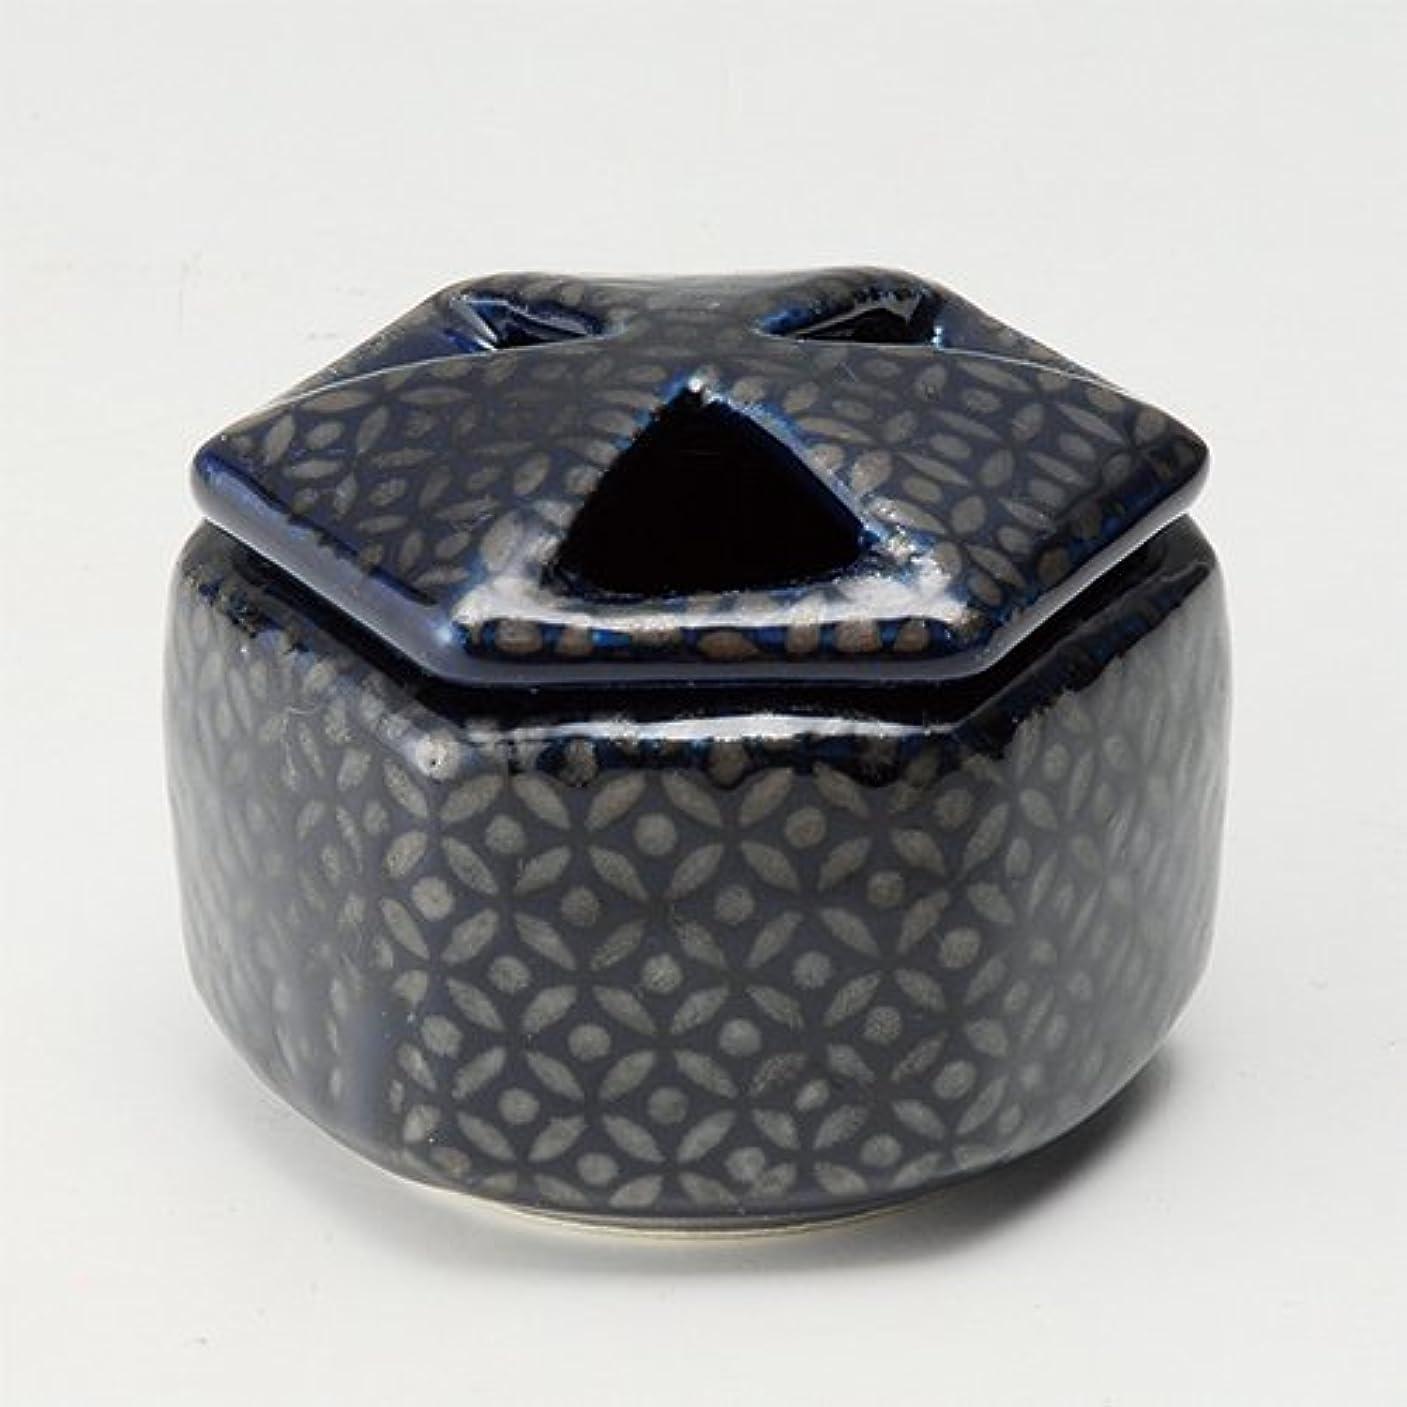 プログレッシブ大陸一致する香炉 瑠璃七宝 六角香炉 [R8.8xH6.5cm] プレゼント ギフト 和食器 かわいい インテリア